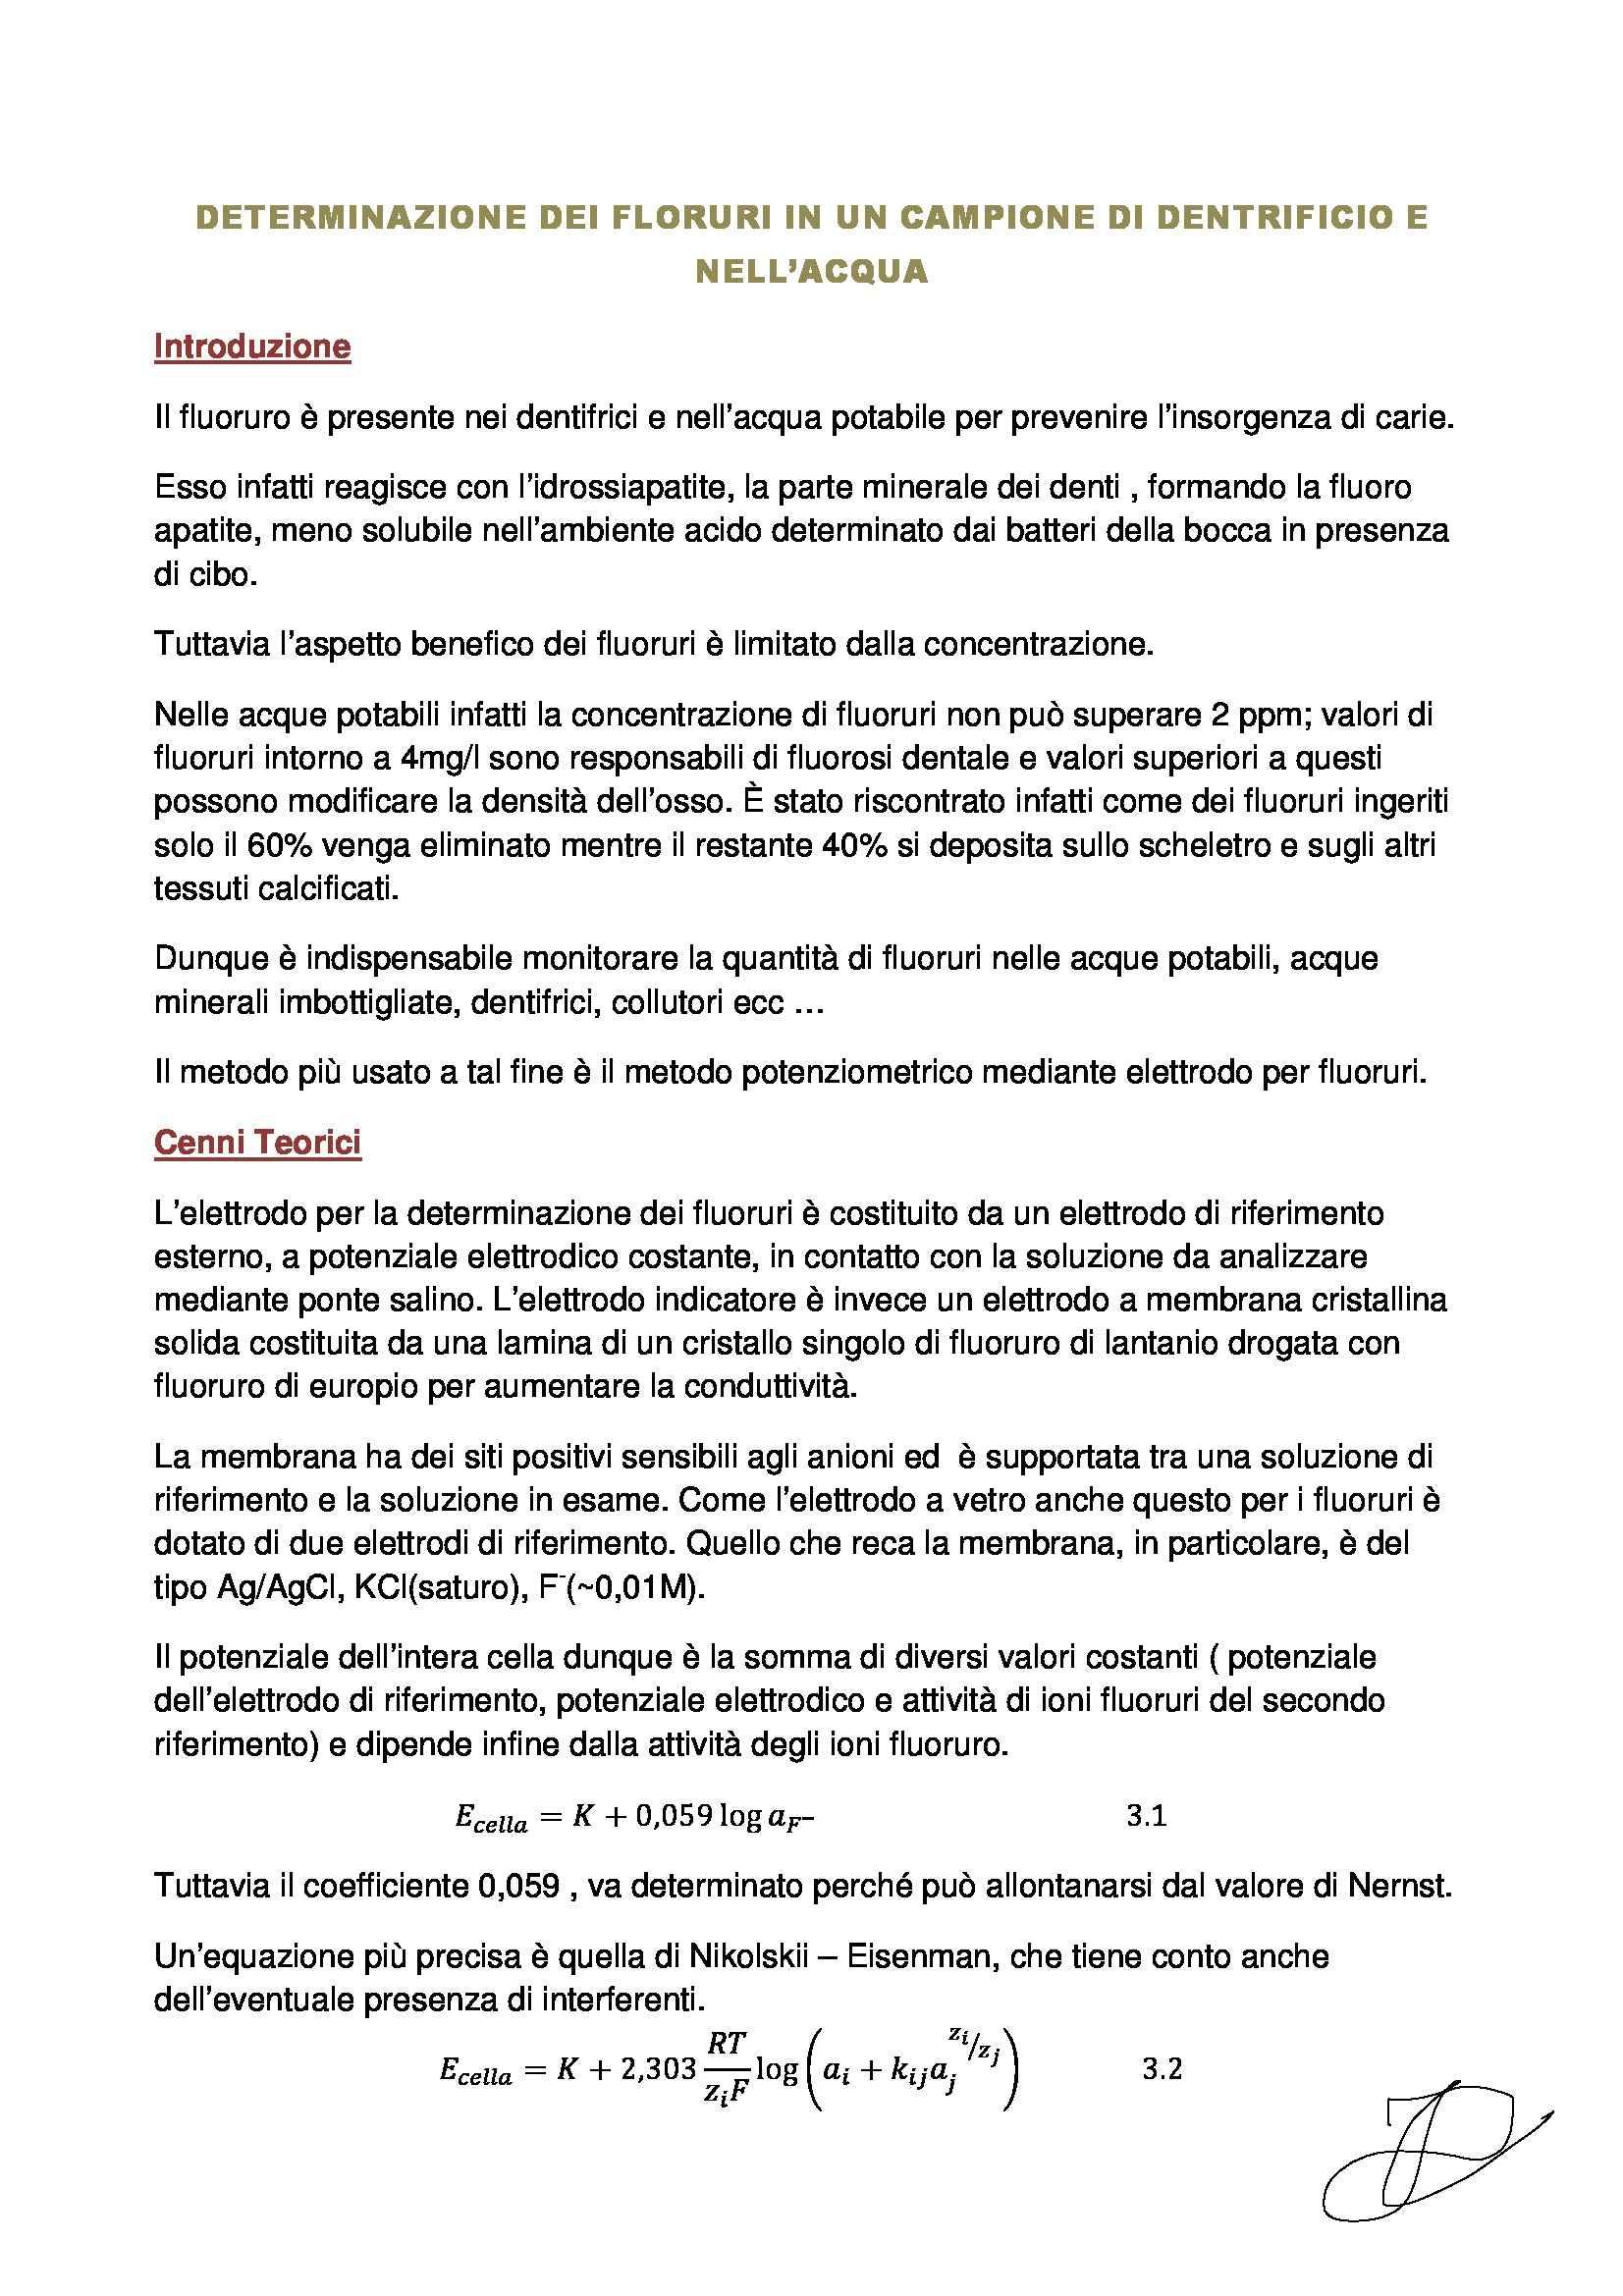 Laboratorio di Chimica Analitica 2 - determinazione dei fluoruri